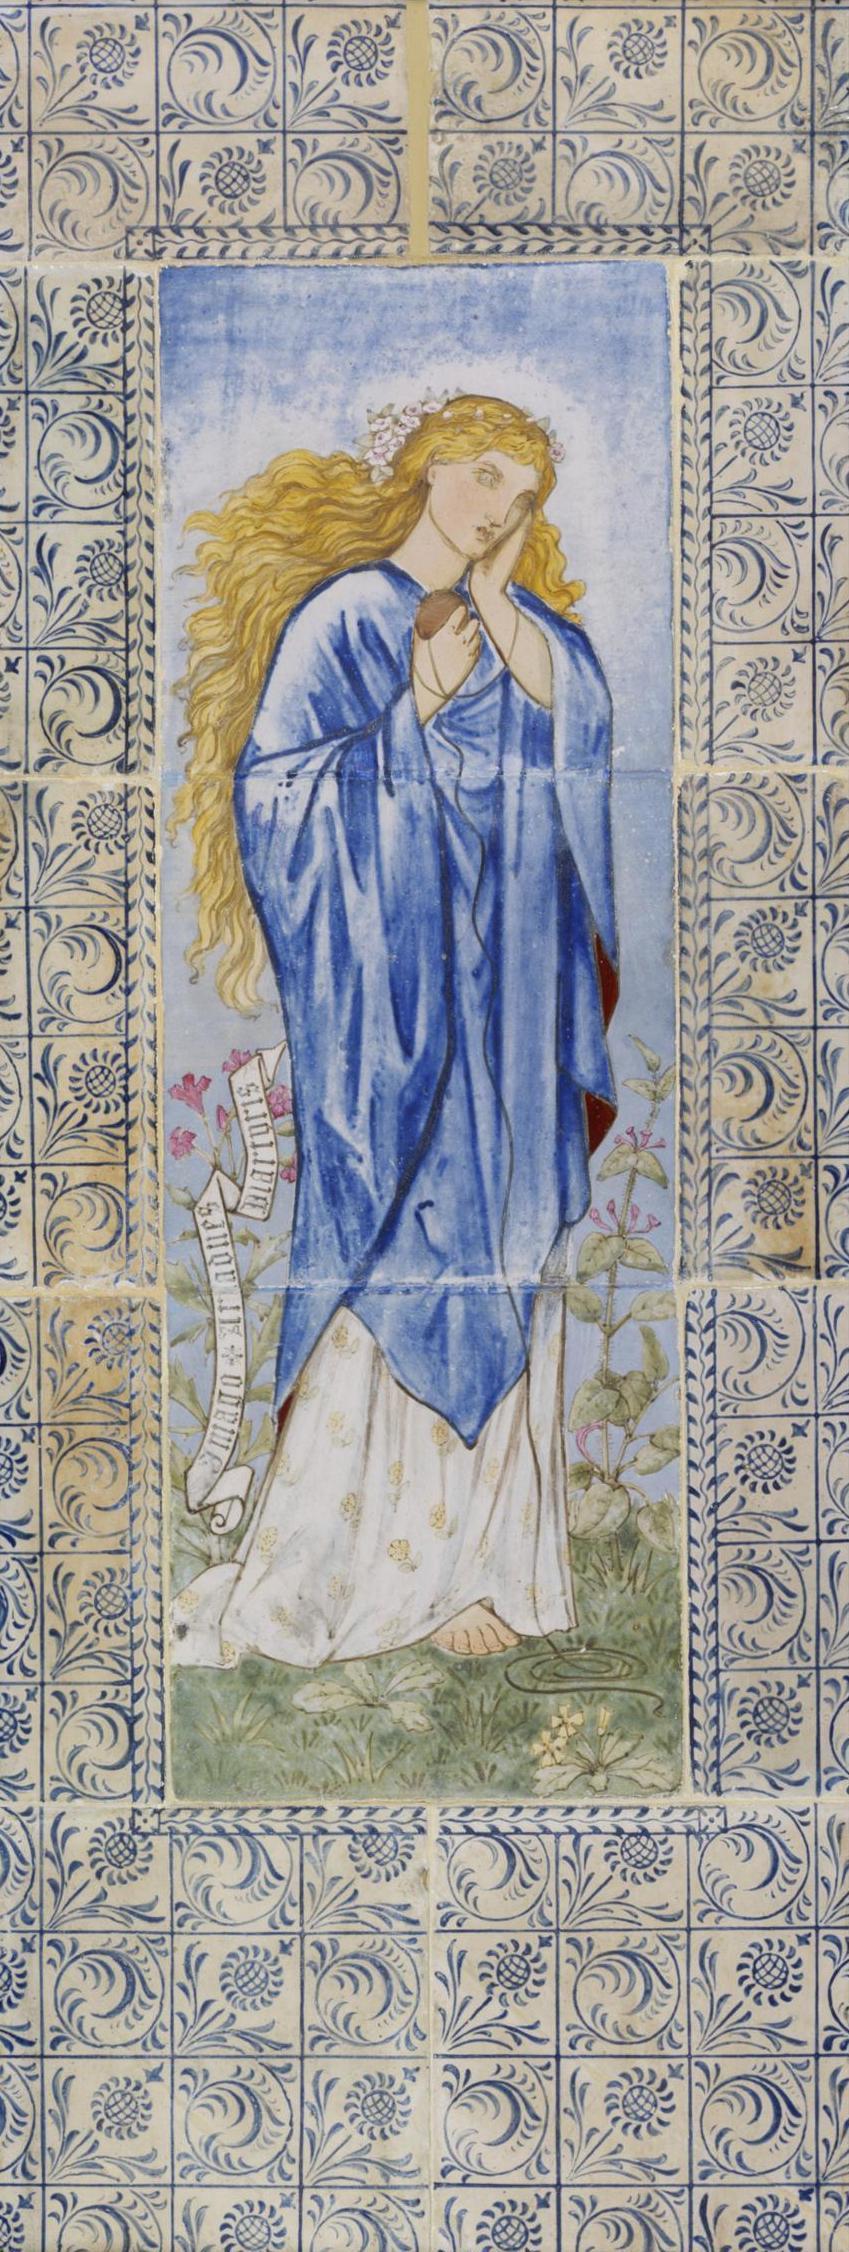 William Morris. Ariadne